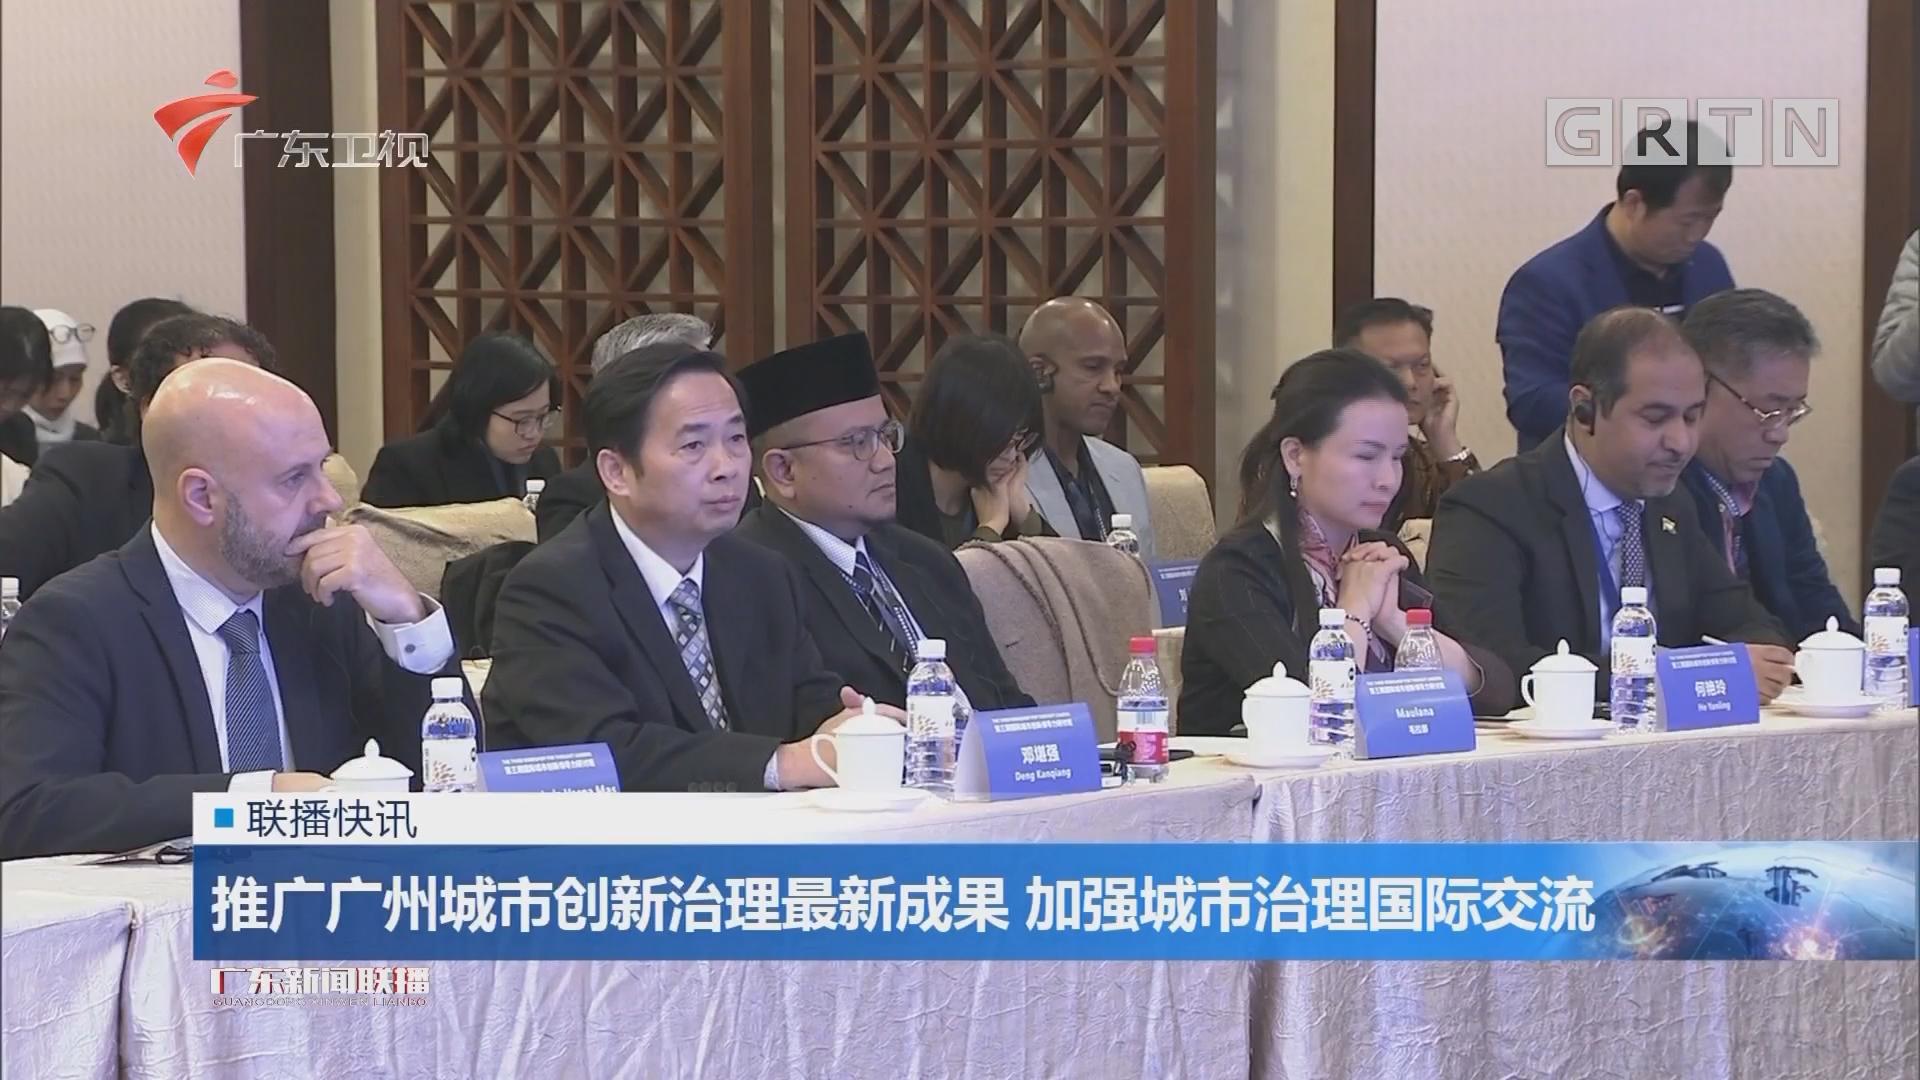 推广广州城市创新治理最新成果 加强城市治理国际交流